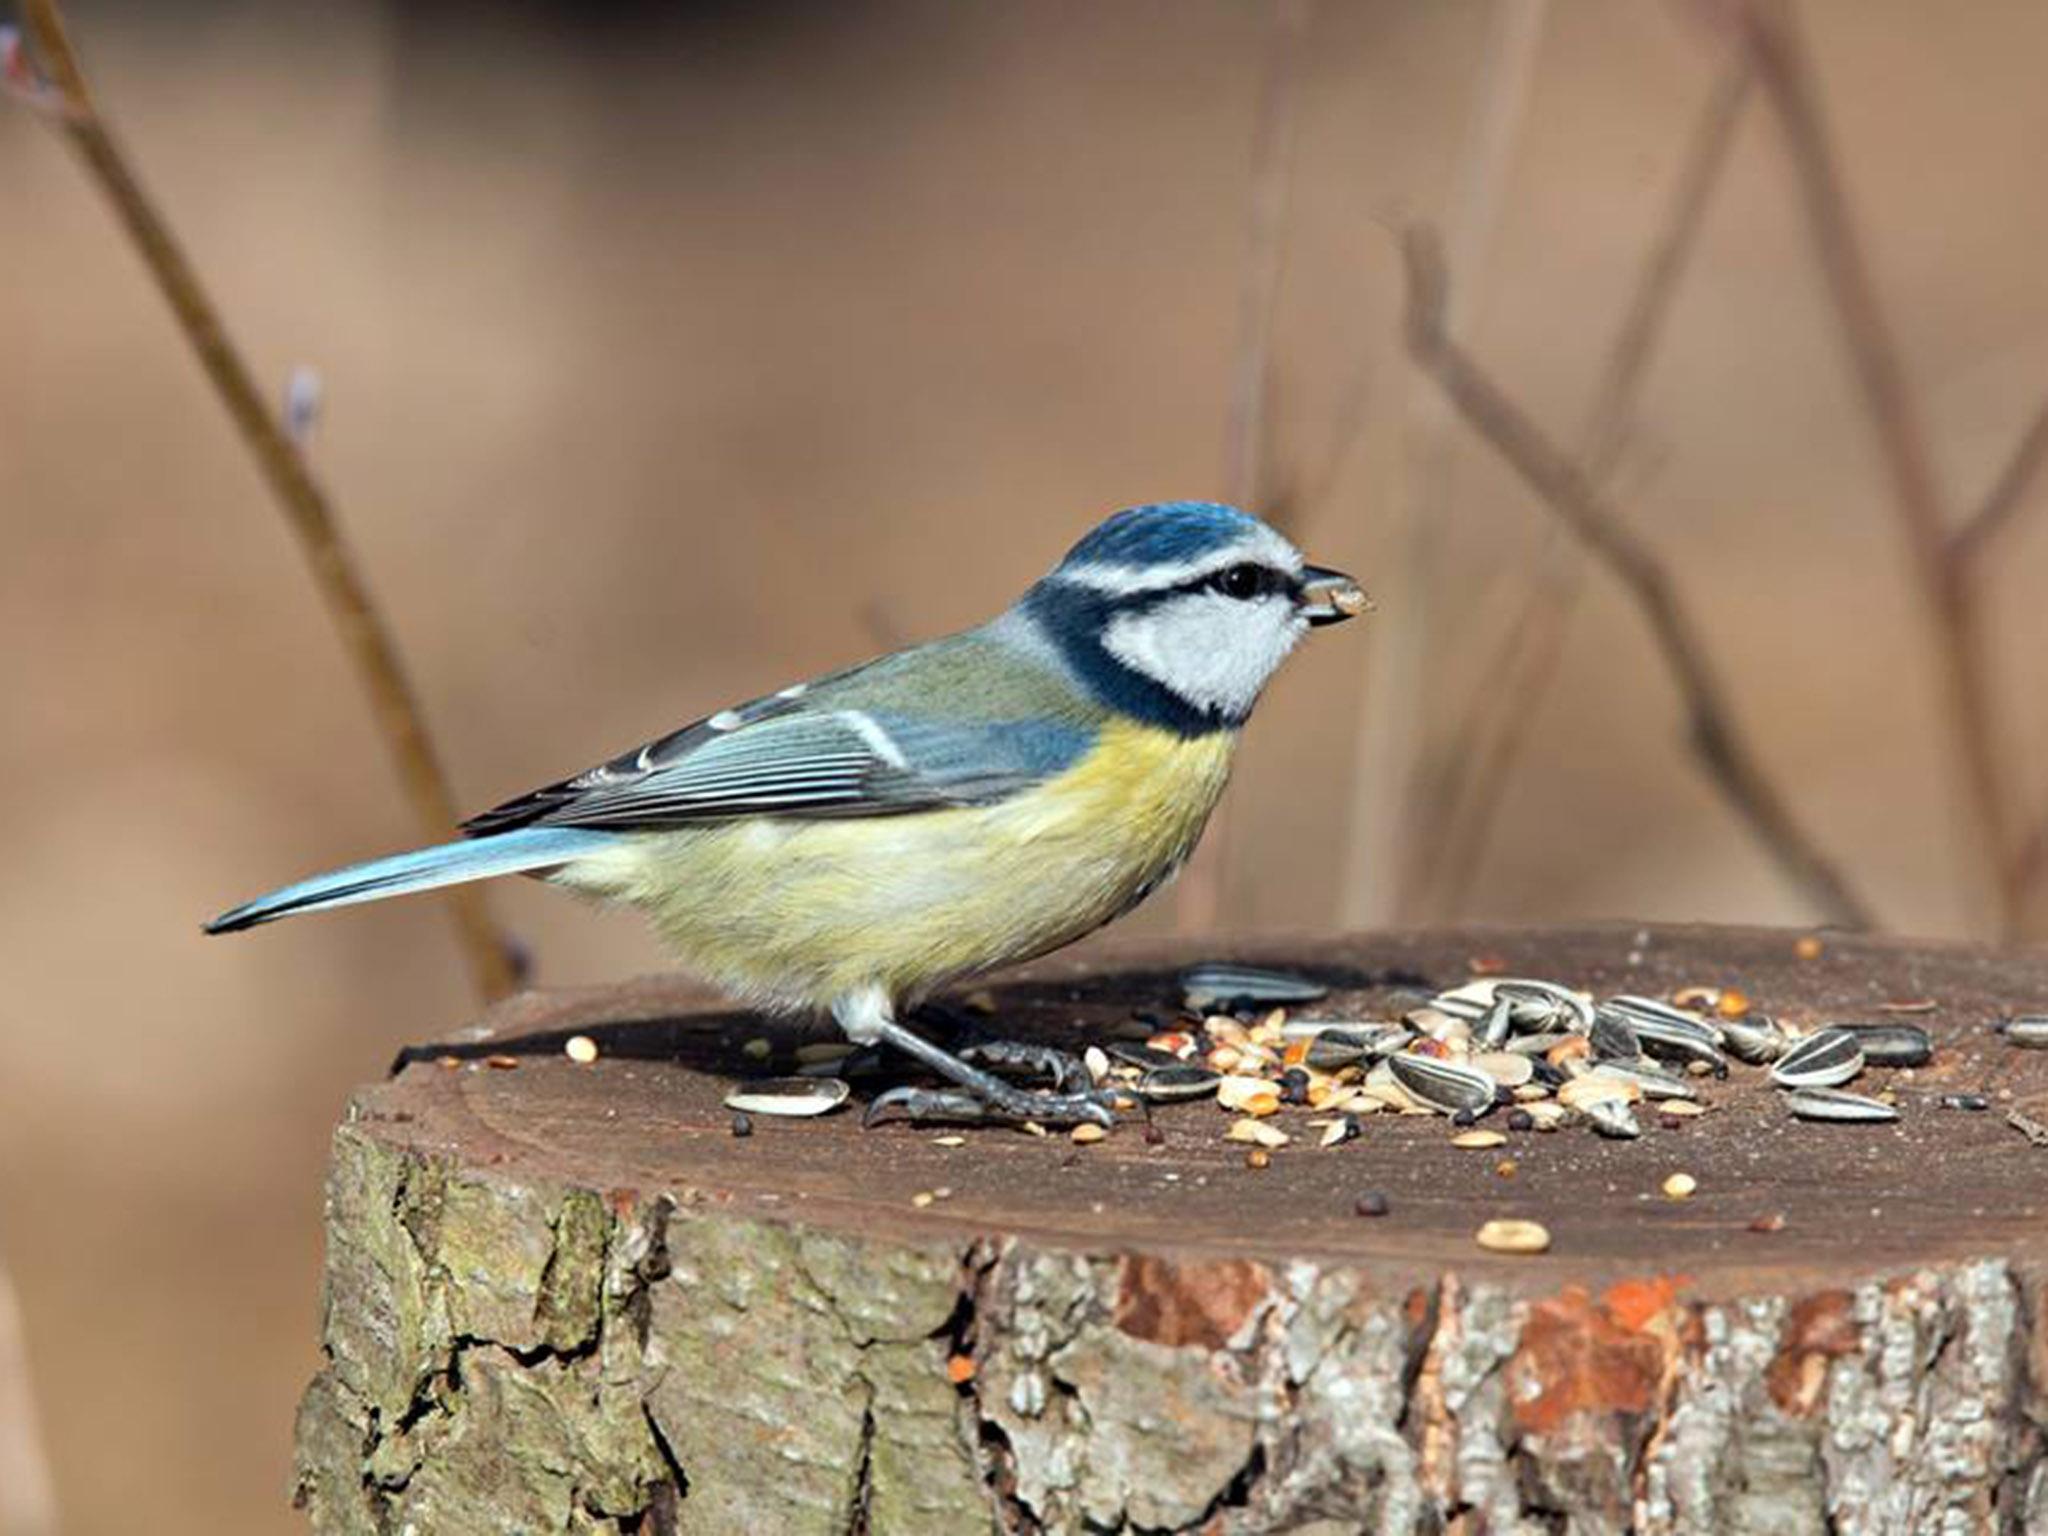 Die Crowdfunding Aktion soll mehr Schutz für die heimischen Vögel leisten. Foto: Markus Ritz.